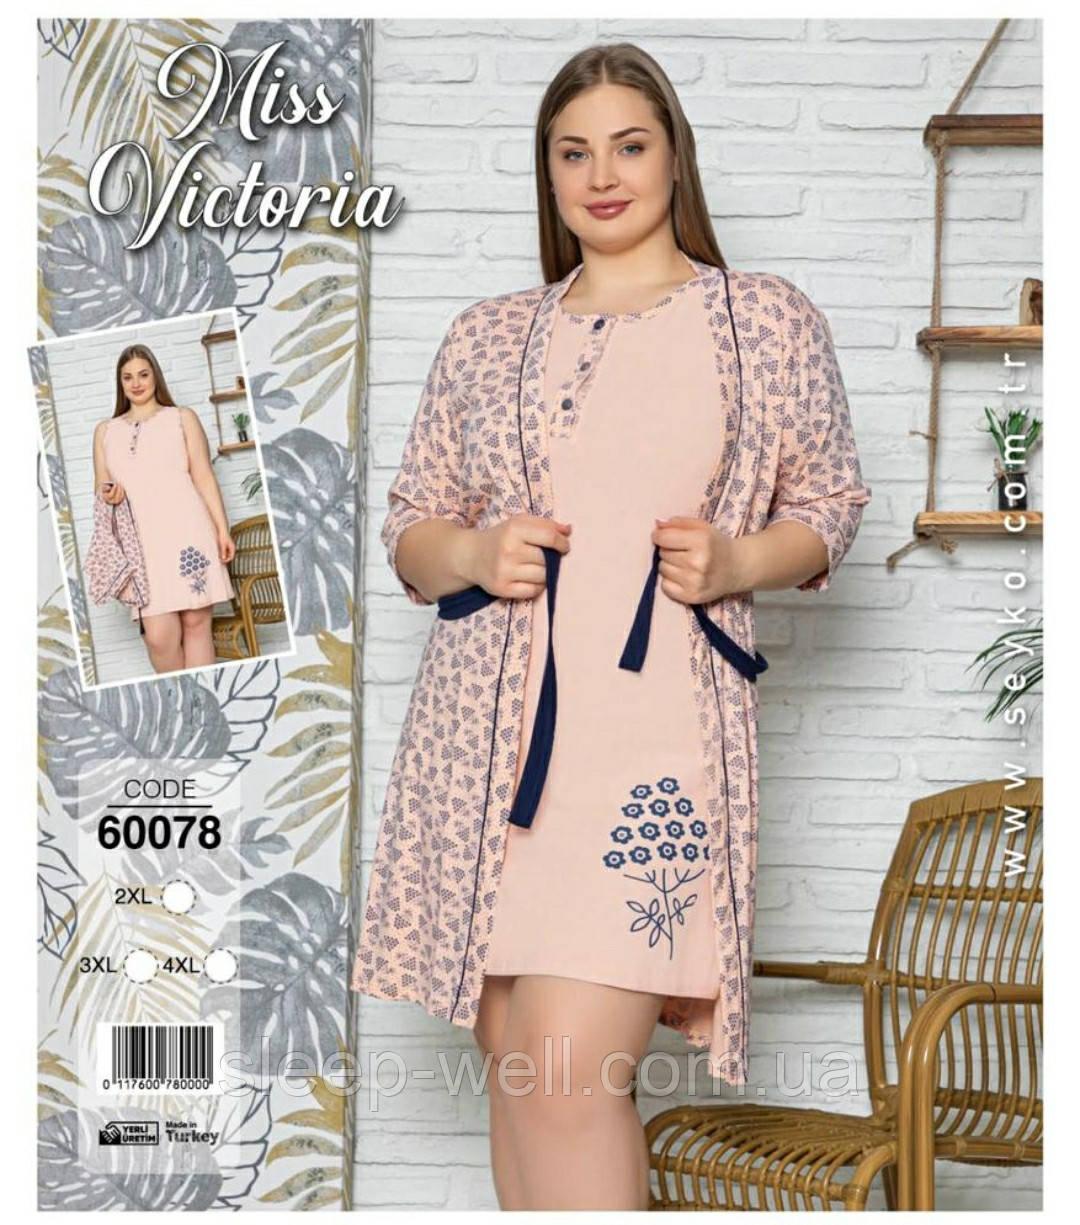 Халат з нічною сорочкою великих розмірів, Miss Victoria 60078